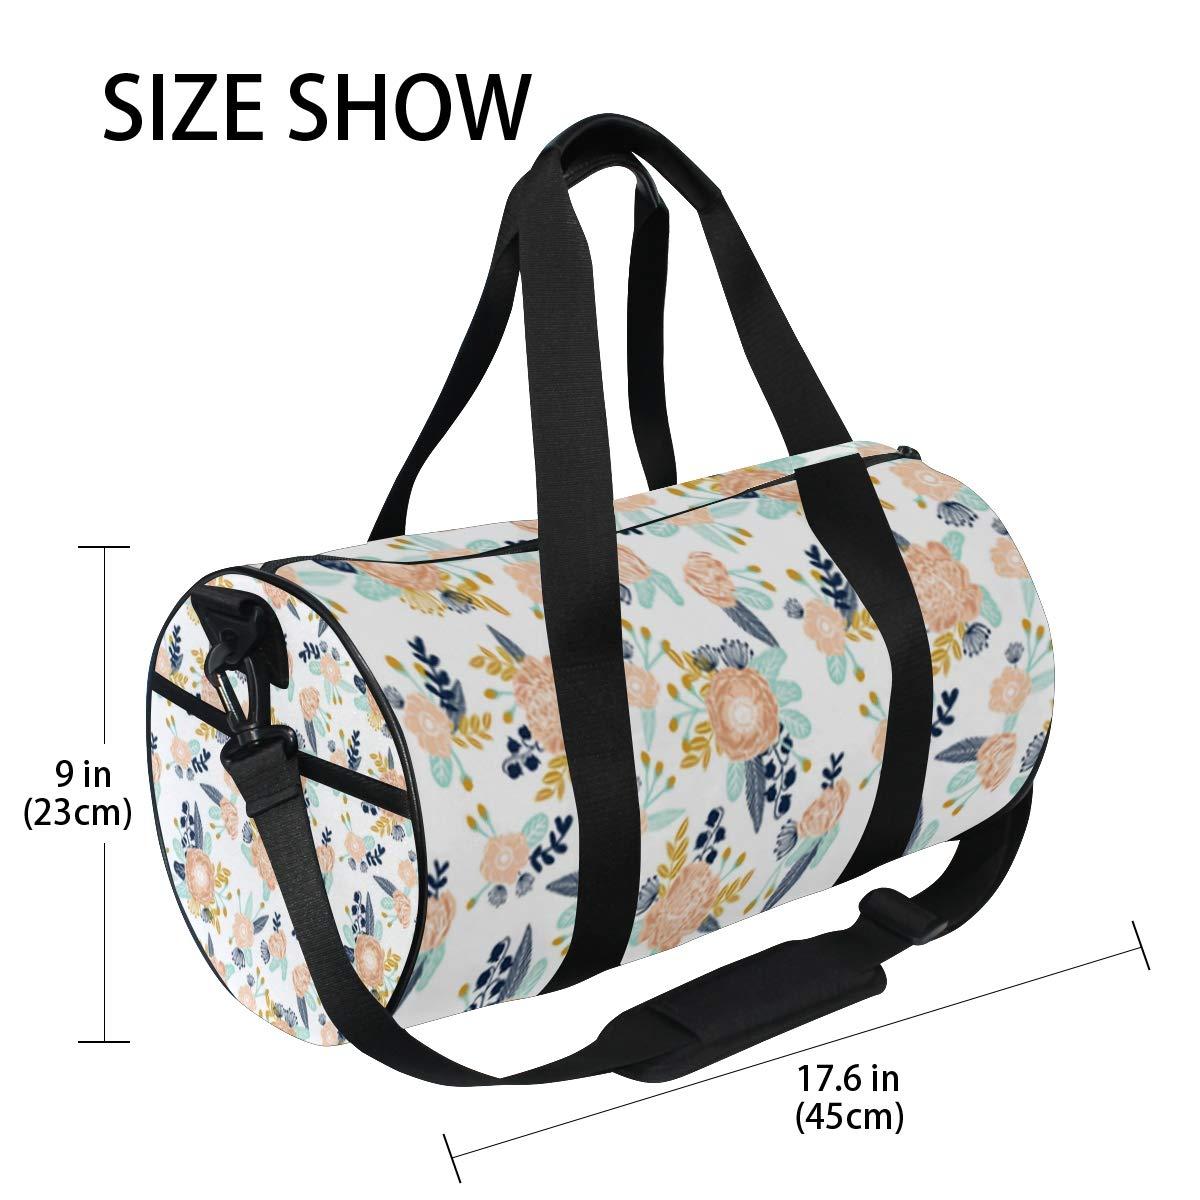 Sports Gym Duffel Barrel Bag Florals Peach Navy Blue Travel Luggage Handbag for Men Women